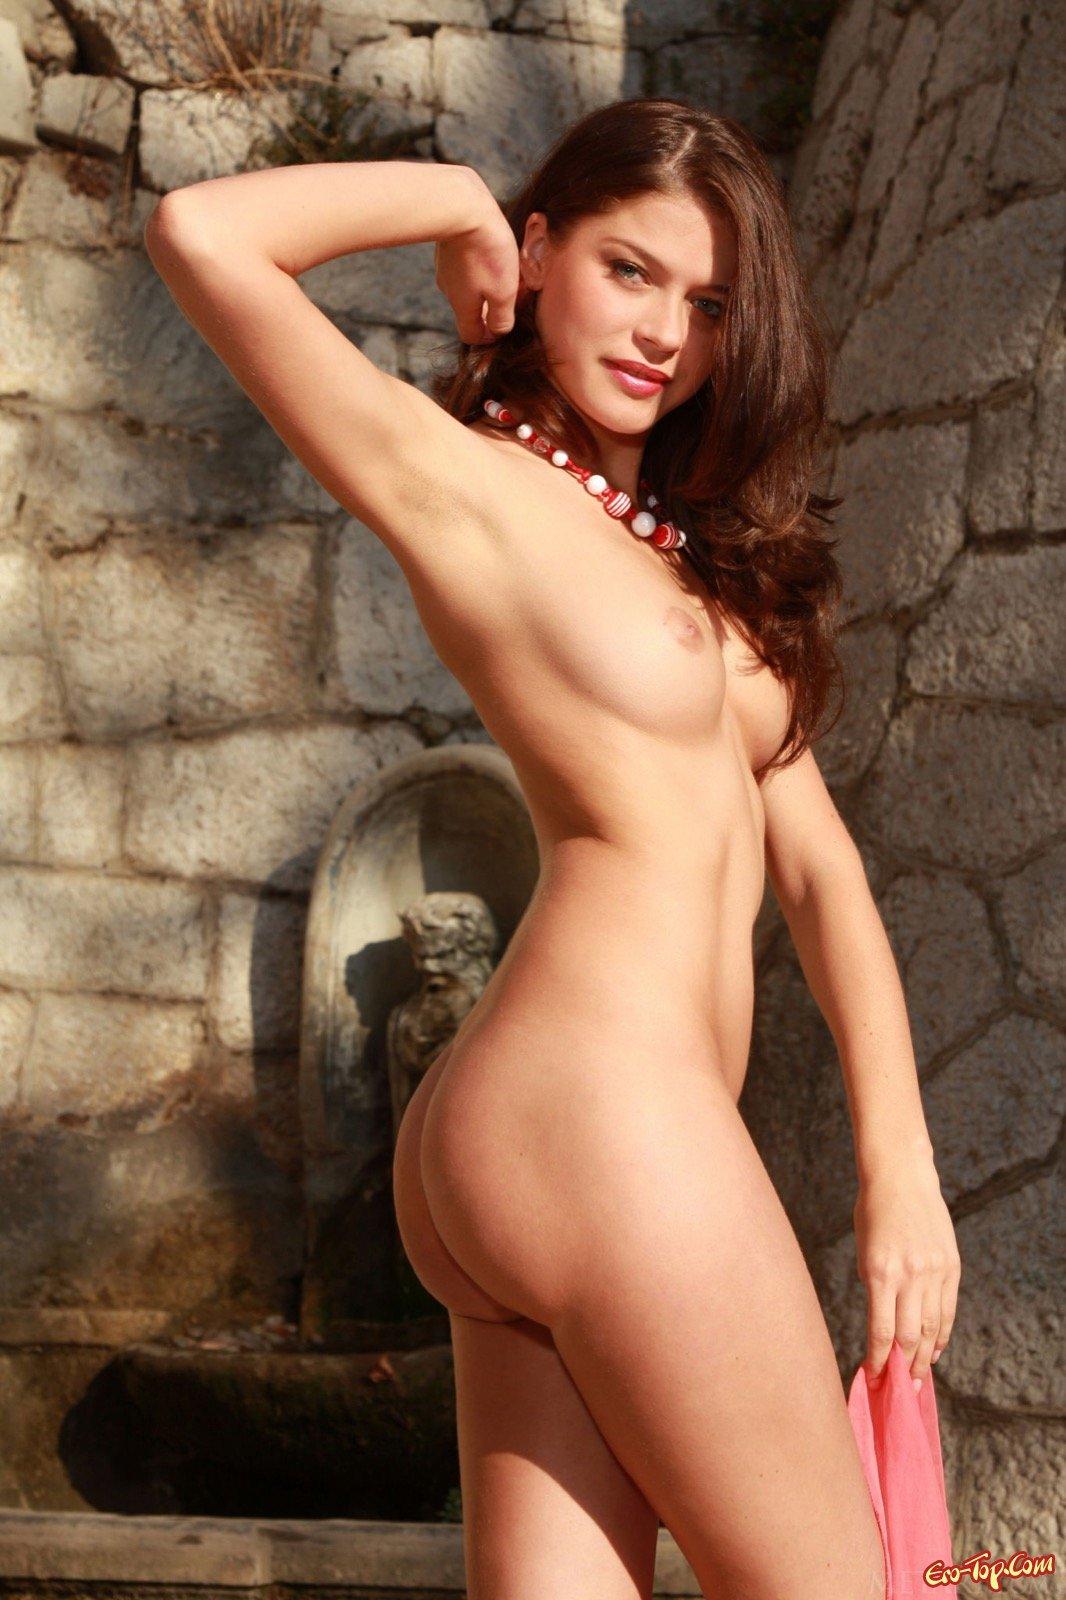 Шатенка с волосатой писькой и упругой грудью